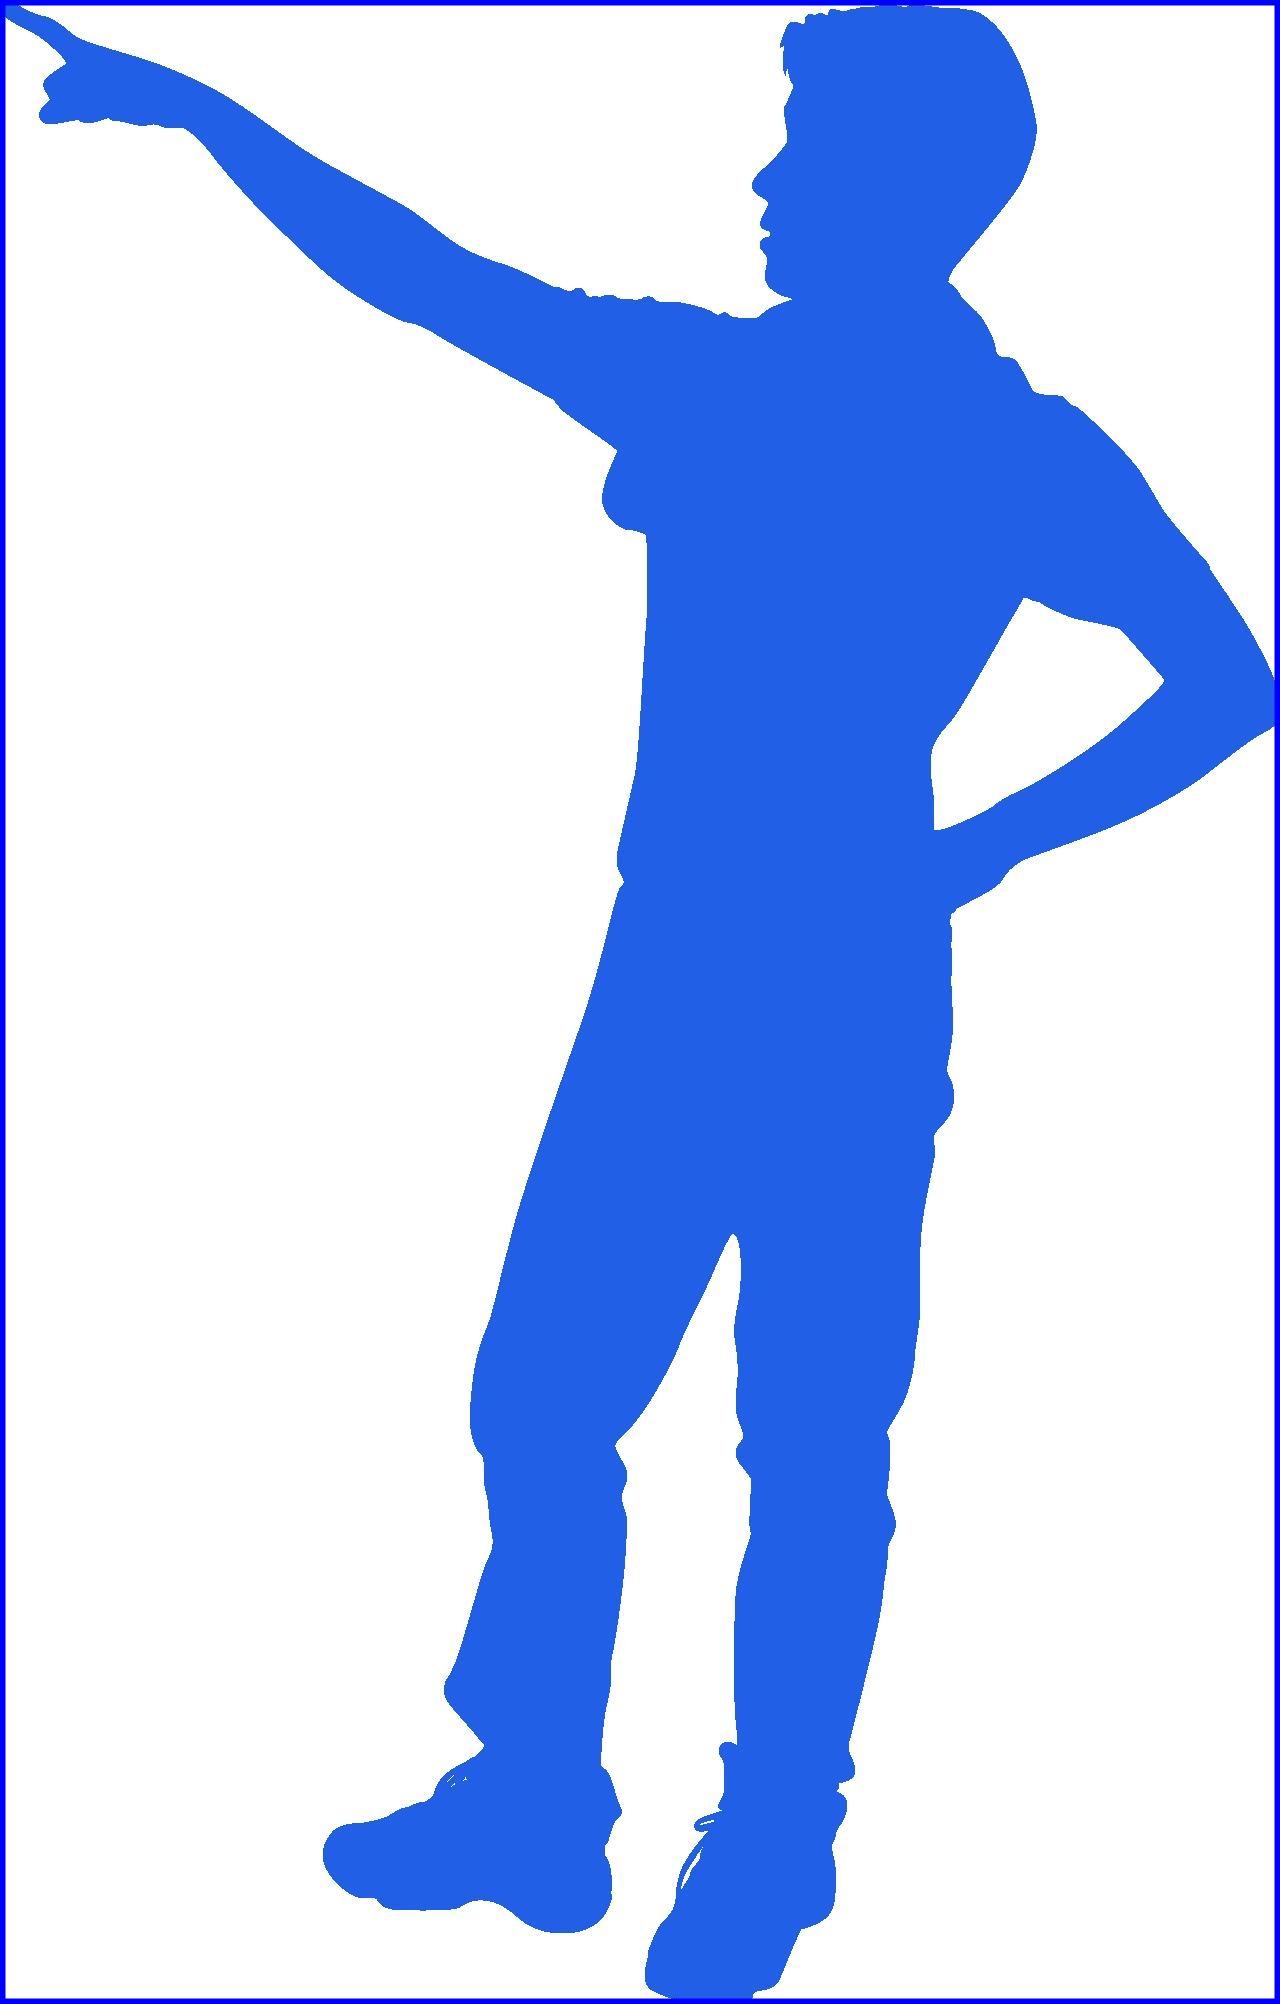 アーロンエッカートの演技力が凄い!身長やおススメ出演映画は?